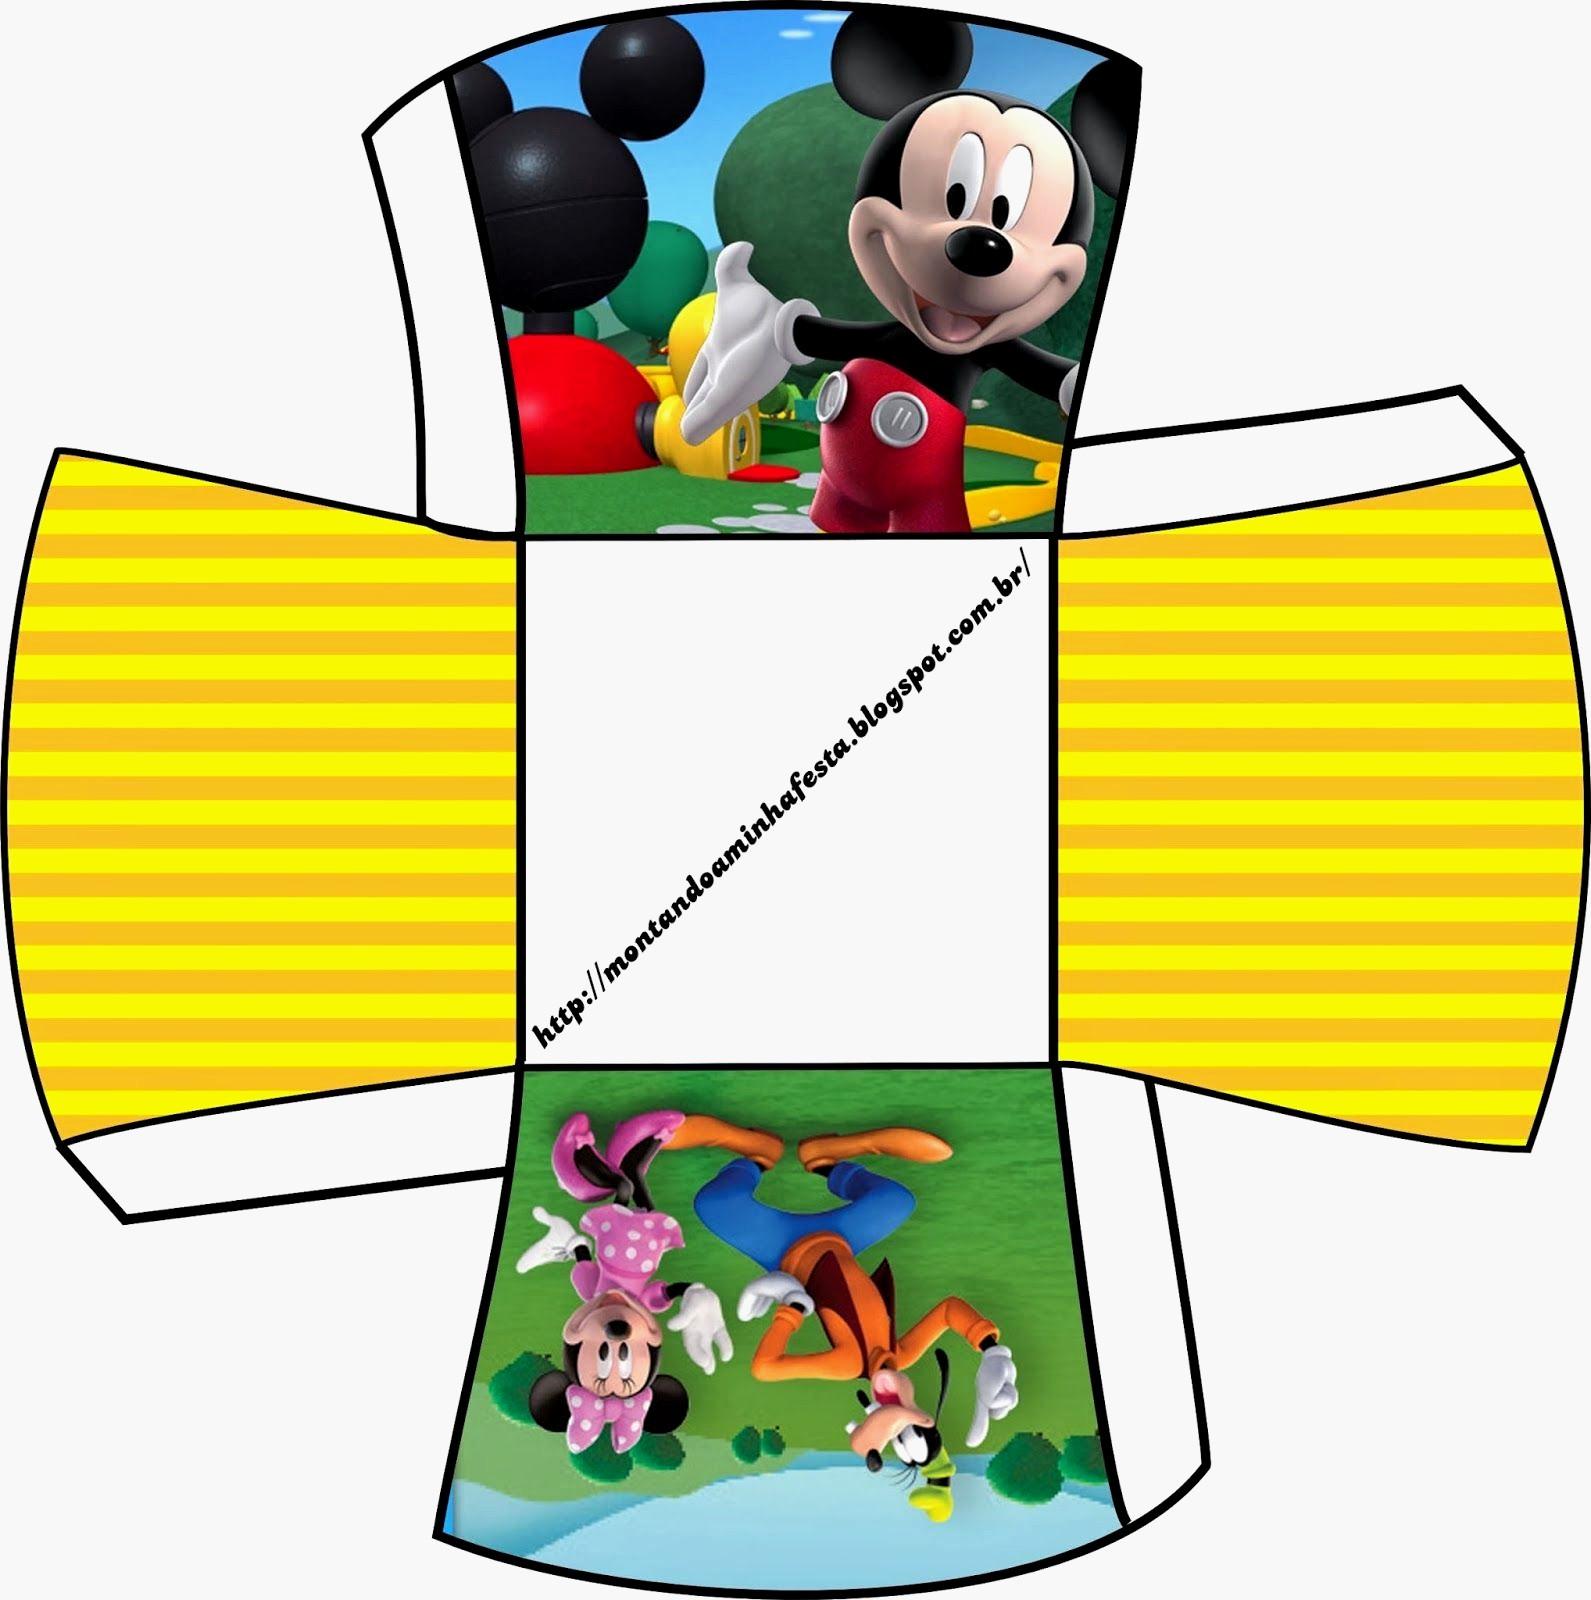 Imprimir Um Calendario Recientes Imagem Da Minnie Para Imprimir Baixar Resultado De Imagem Para Of Imprimir Um Calendario Más Arriba-a-fecha Clau Claudirenemanzo On Pinterest